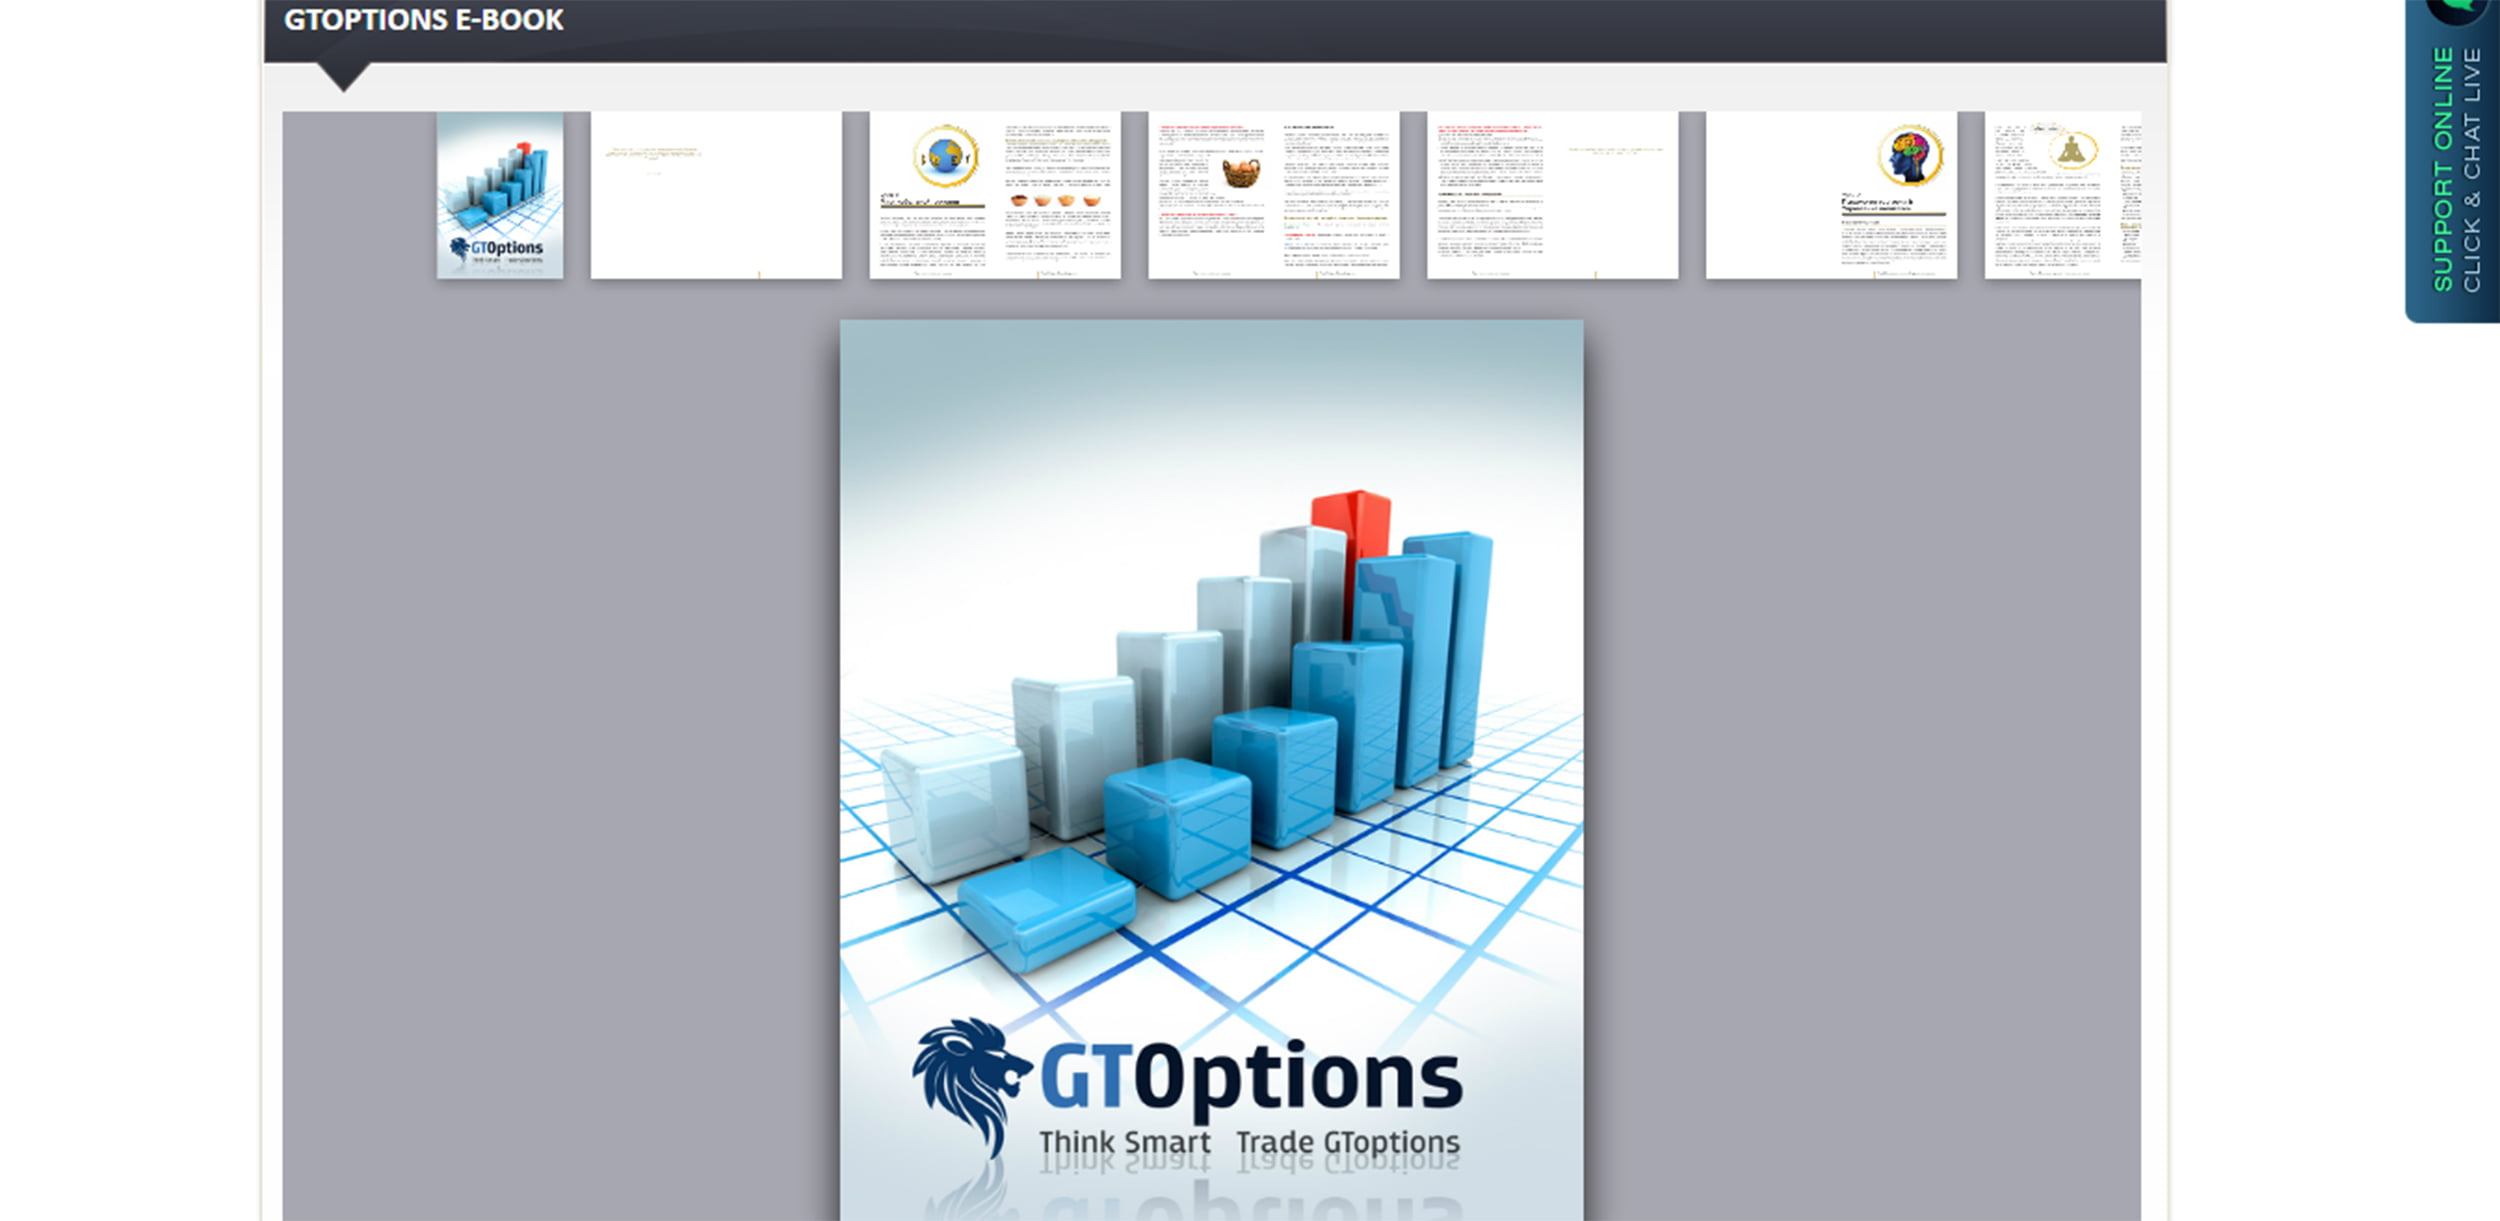 Обучение торговле бинарными опционами на сайте GTOptions.com